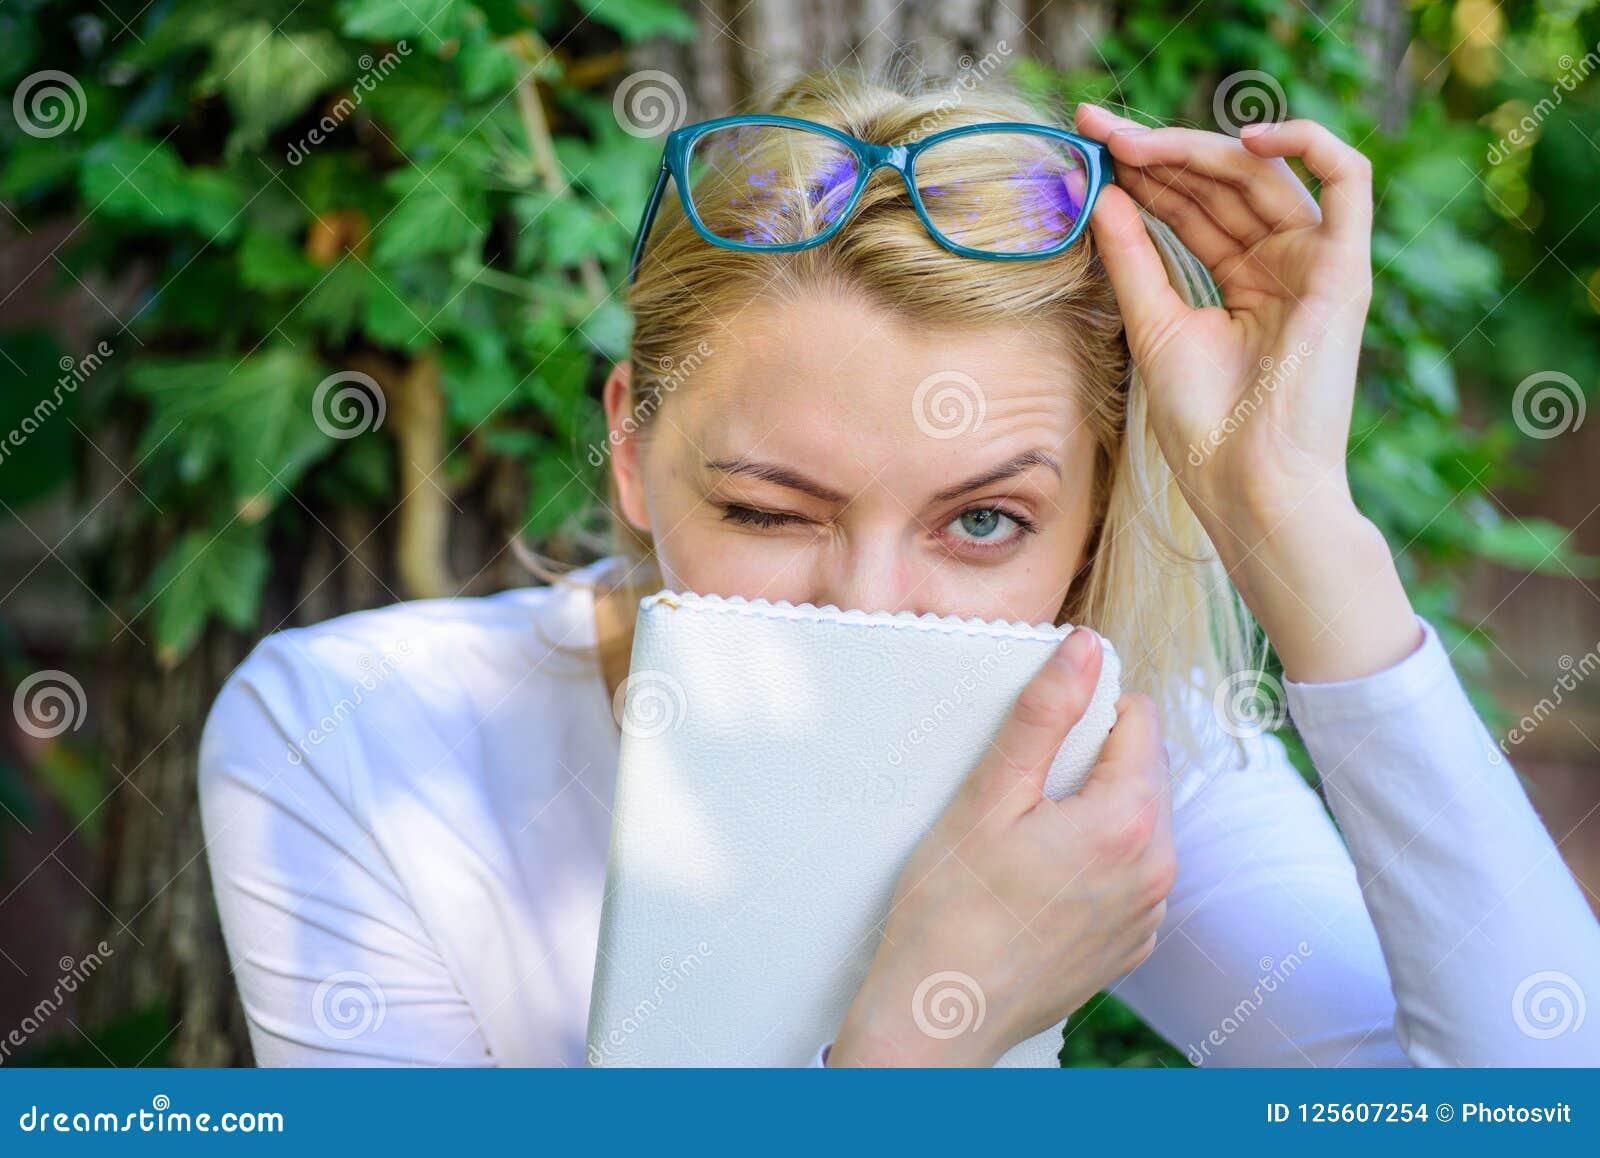 Η χαριτωμένη βιβλιόψειρα eyeglasses απολαμβάνει κάθε κεφάλαιο Χαλάρωση σπουδαστών βιβλιοψειρών με το πράσινο υπόβαθρο φύσης βιβλί